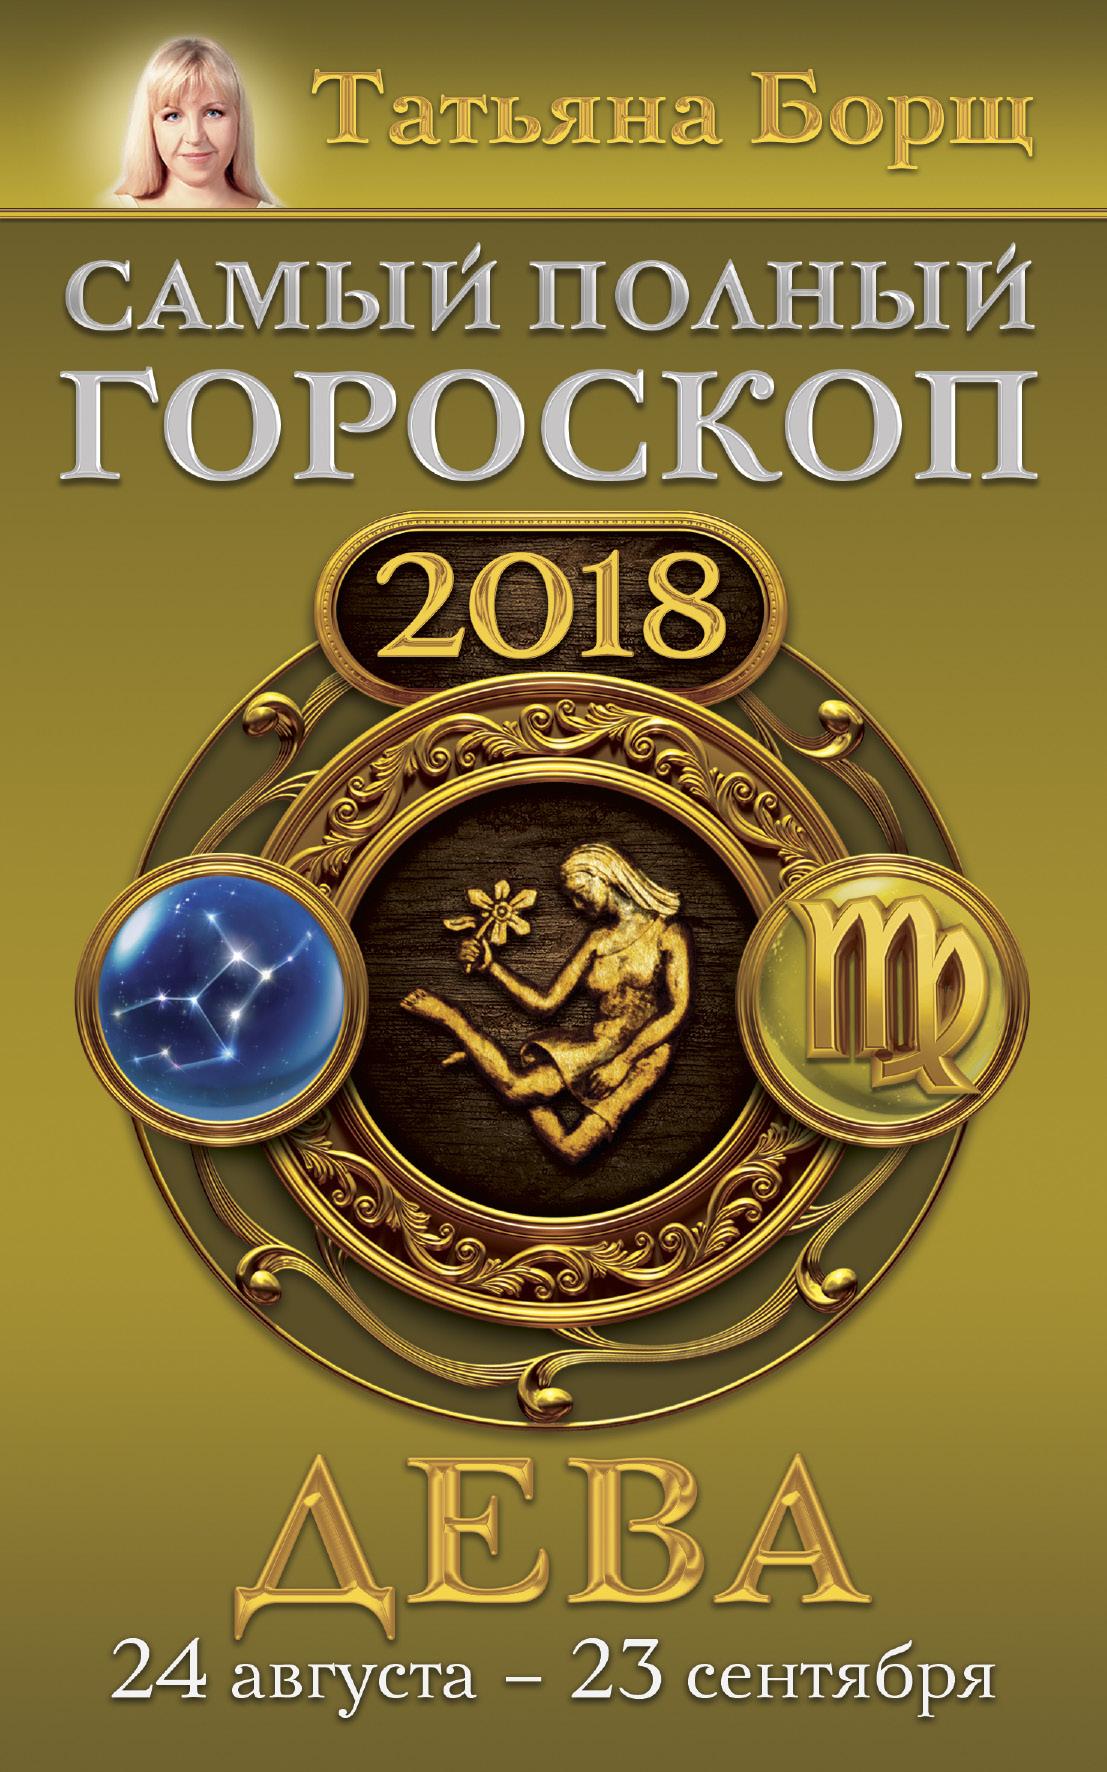 Дева. Самый полный гороскоп на 2018 год. 24 августа - 23 сентября ( Борщ Татьяна  )